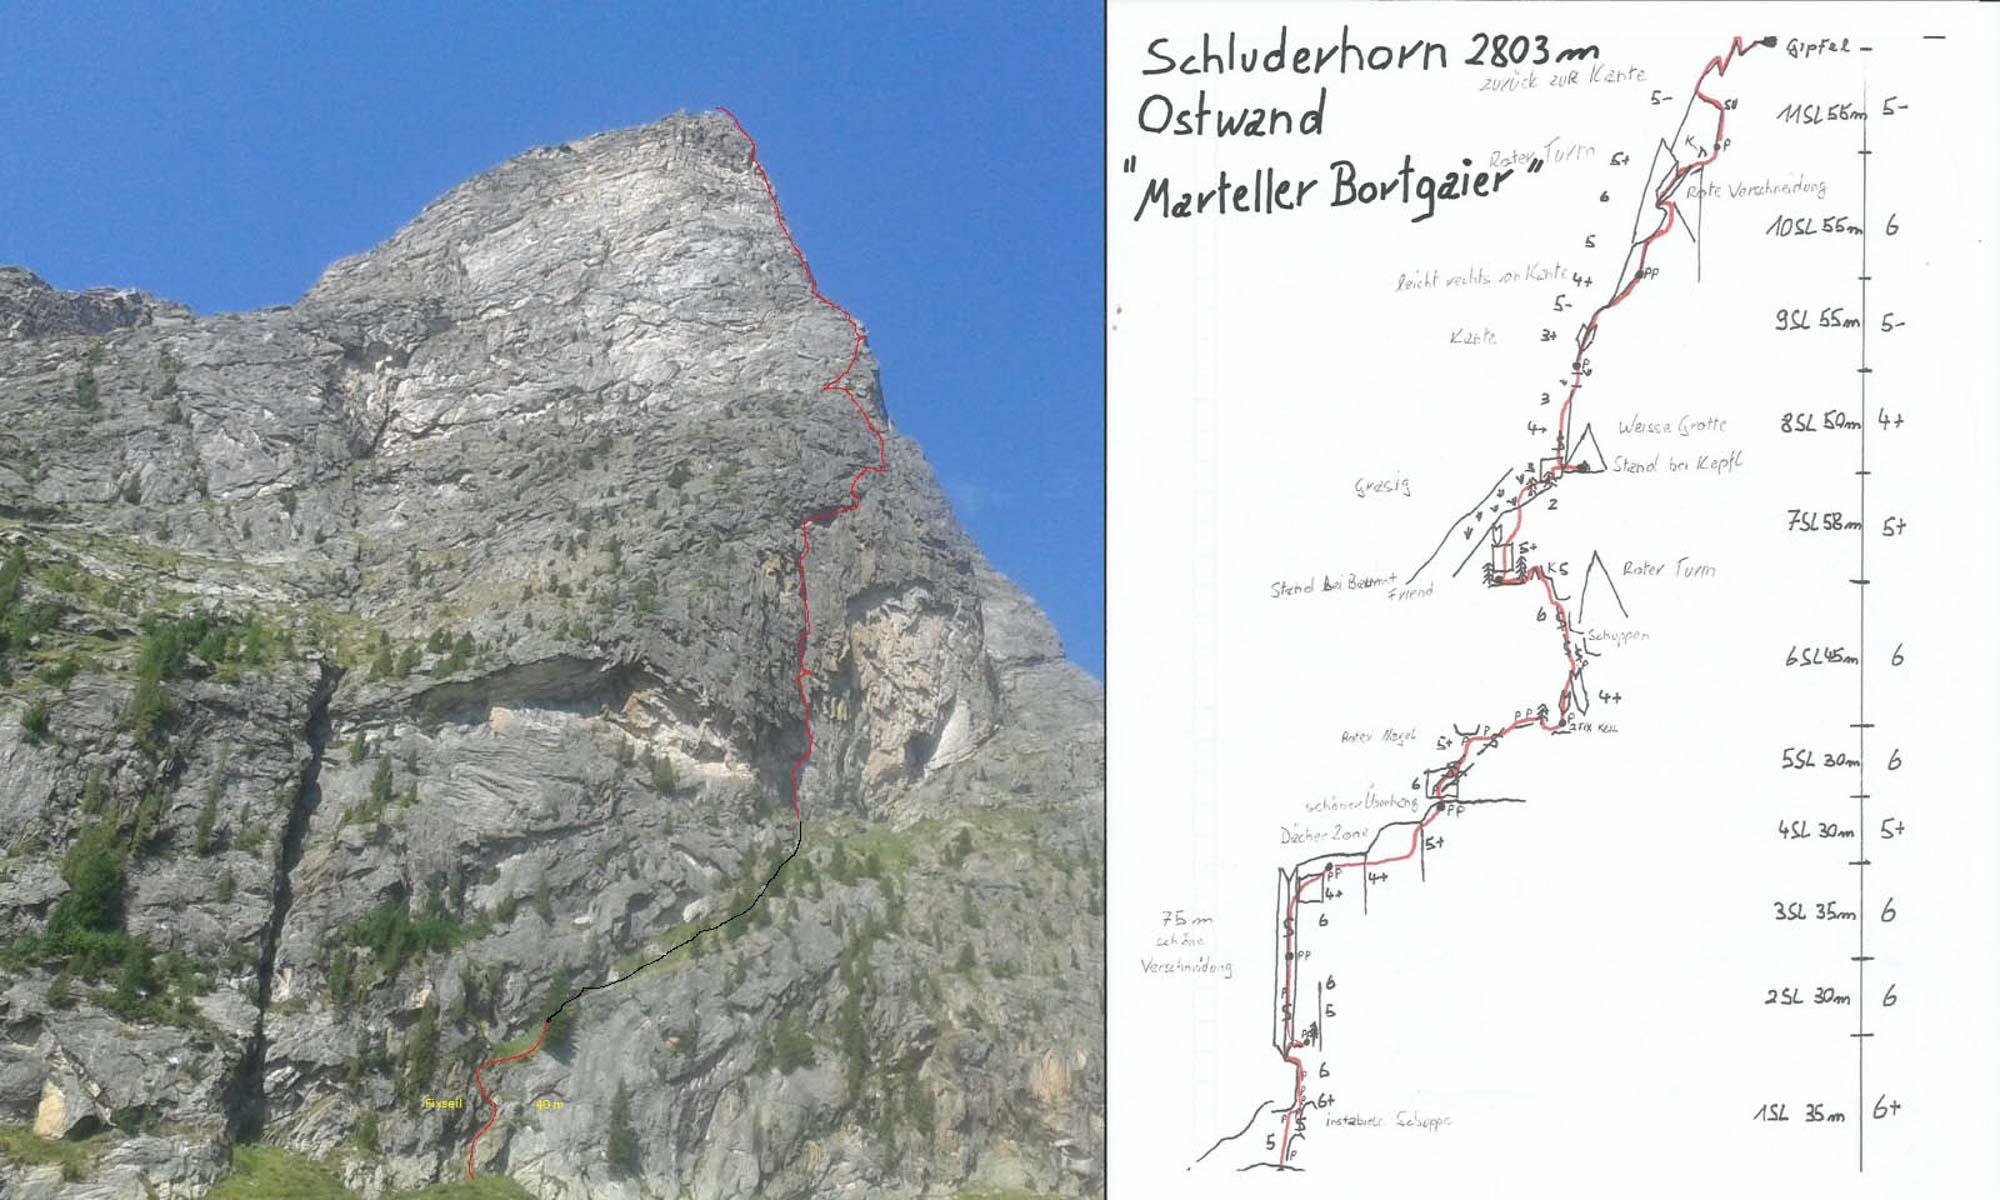 """""""Marteller Bortgaier (VI+)"""", Schluderhorn Ostwand, Martelltal"""